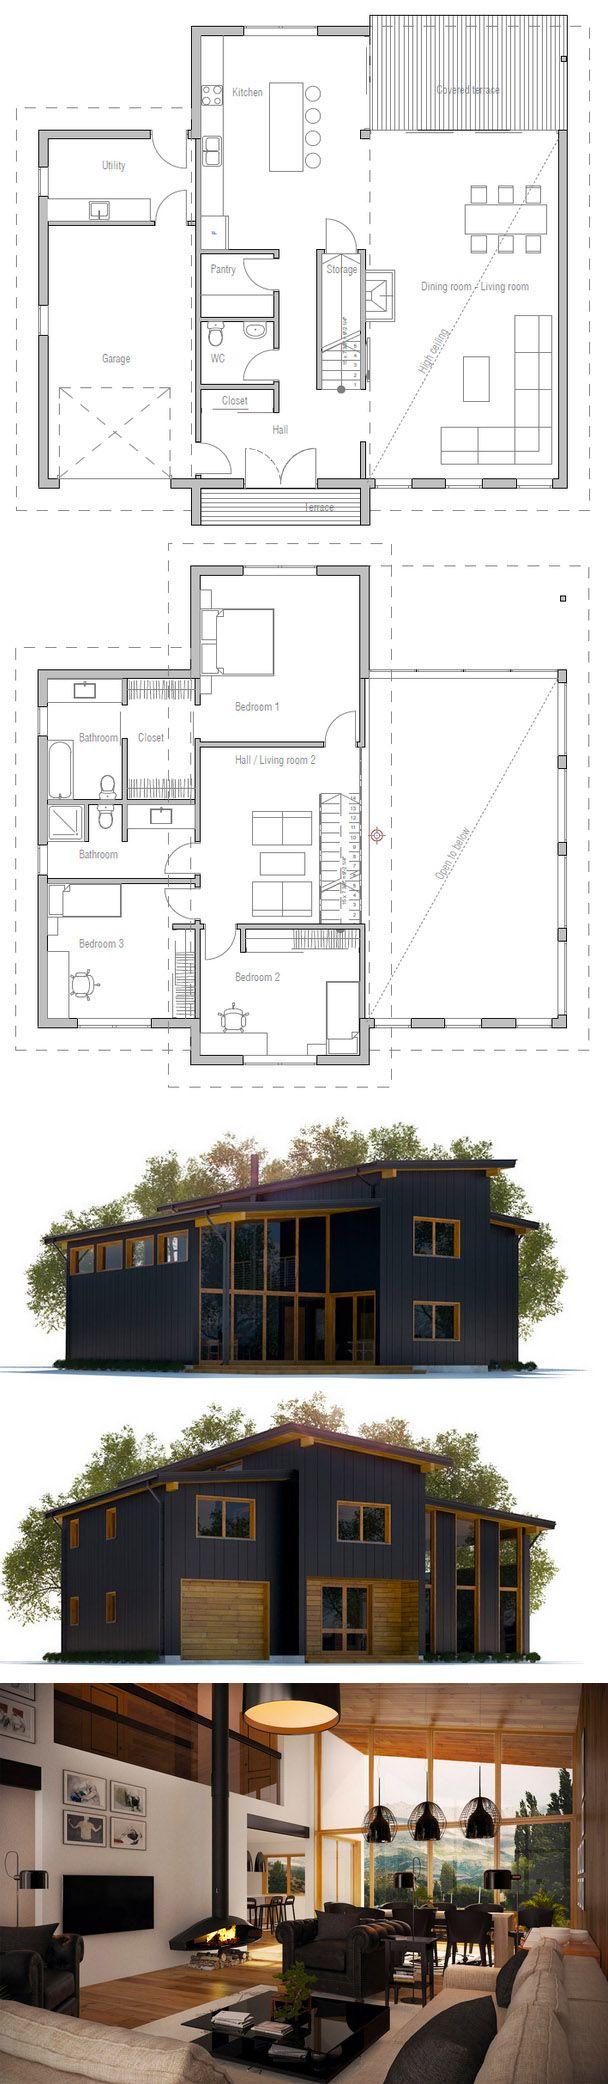 Floor plans modernarchitecture architektur in 2019 for Haus bauen plan